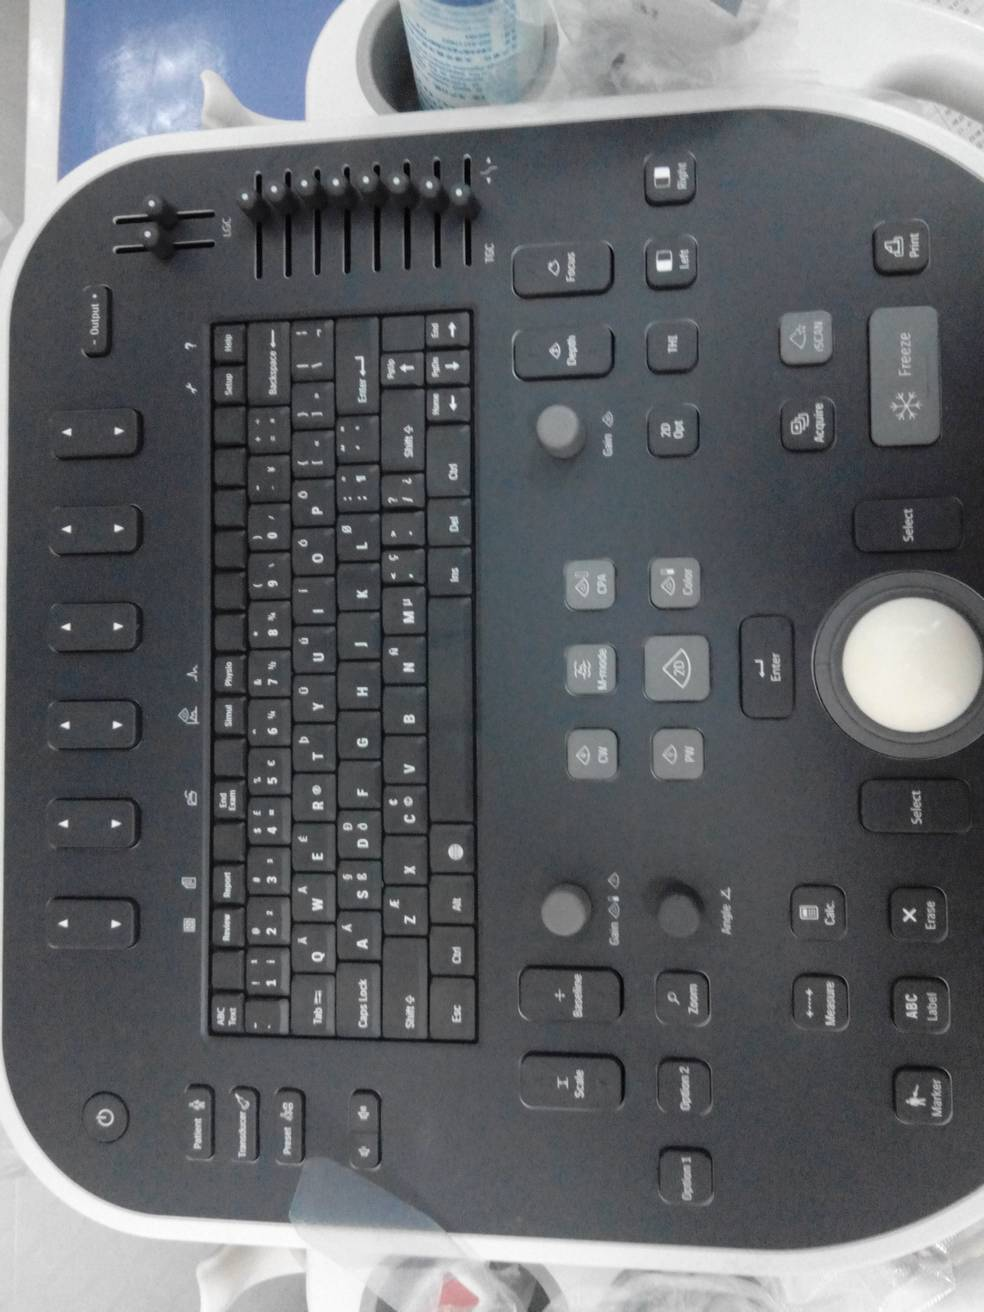 键盘 984_1312 竖版 竖屏图片